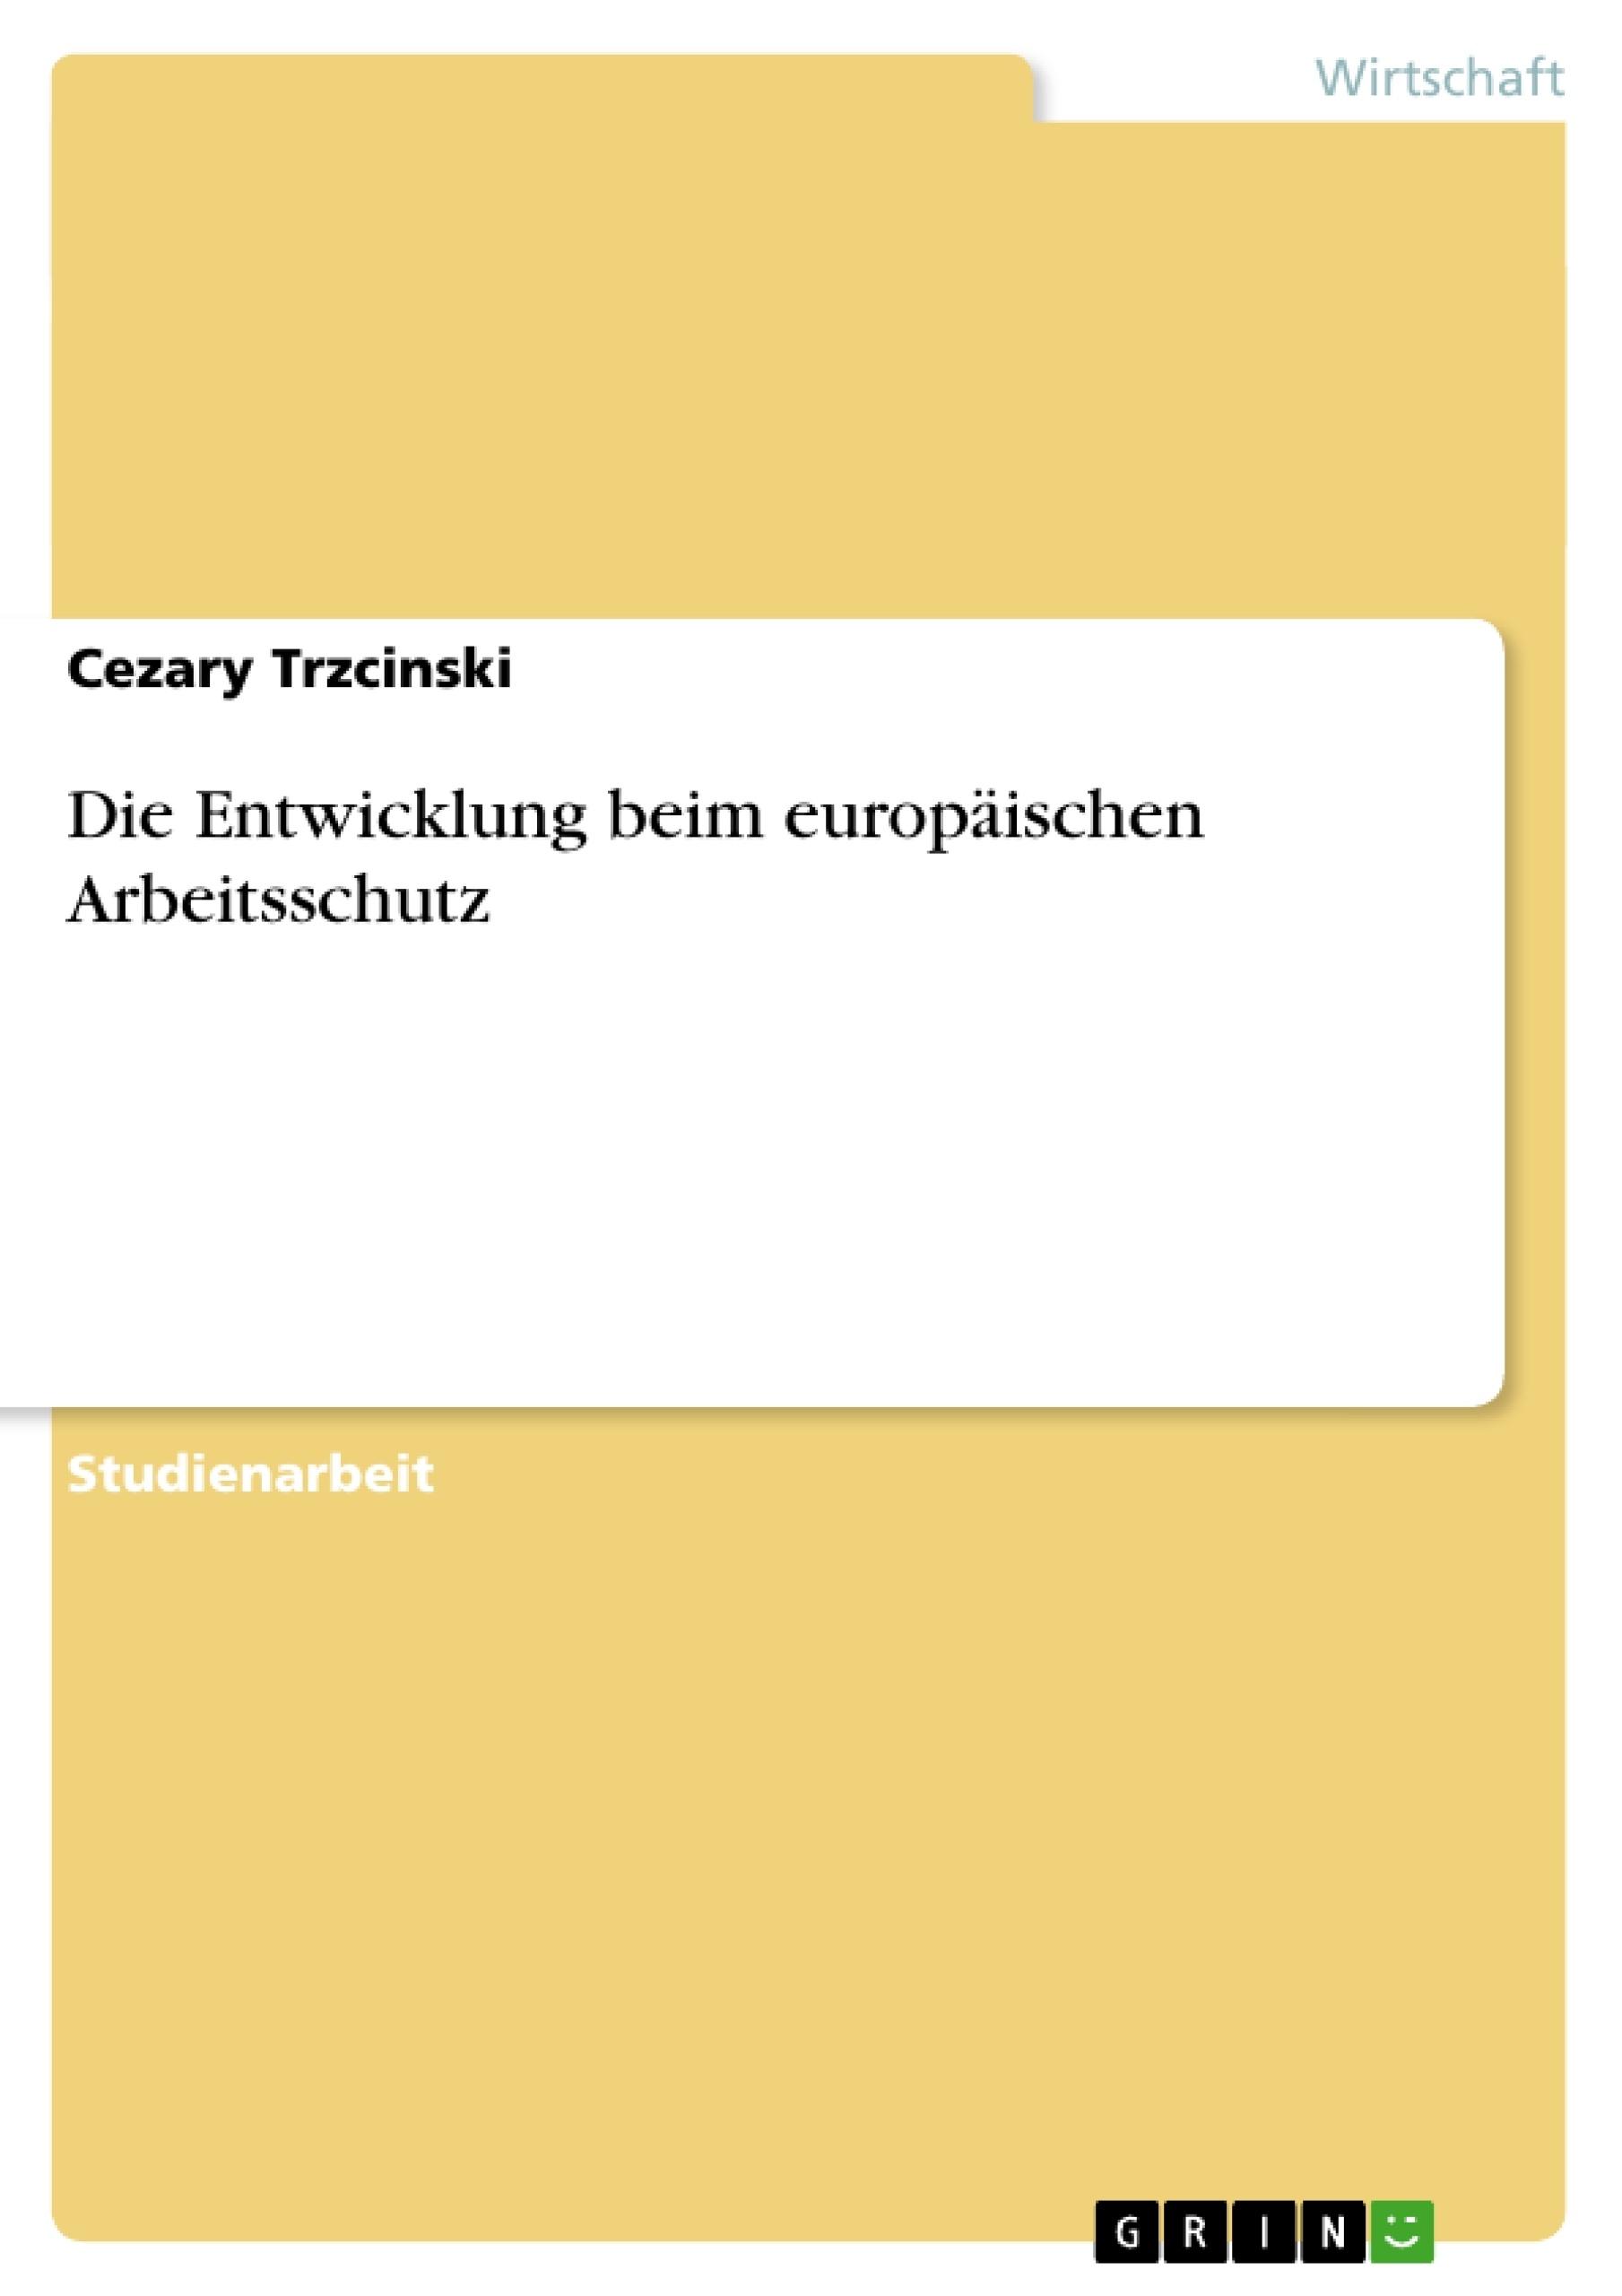 Titel: Die Entwicklung beim europäischen Arbeitsschutz